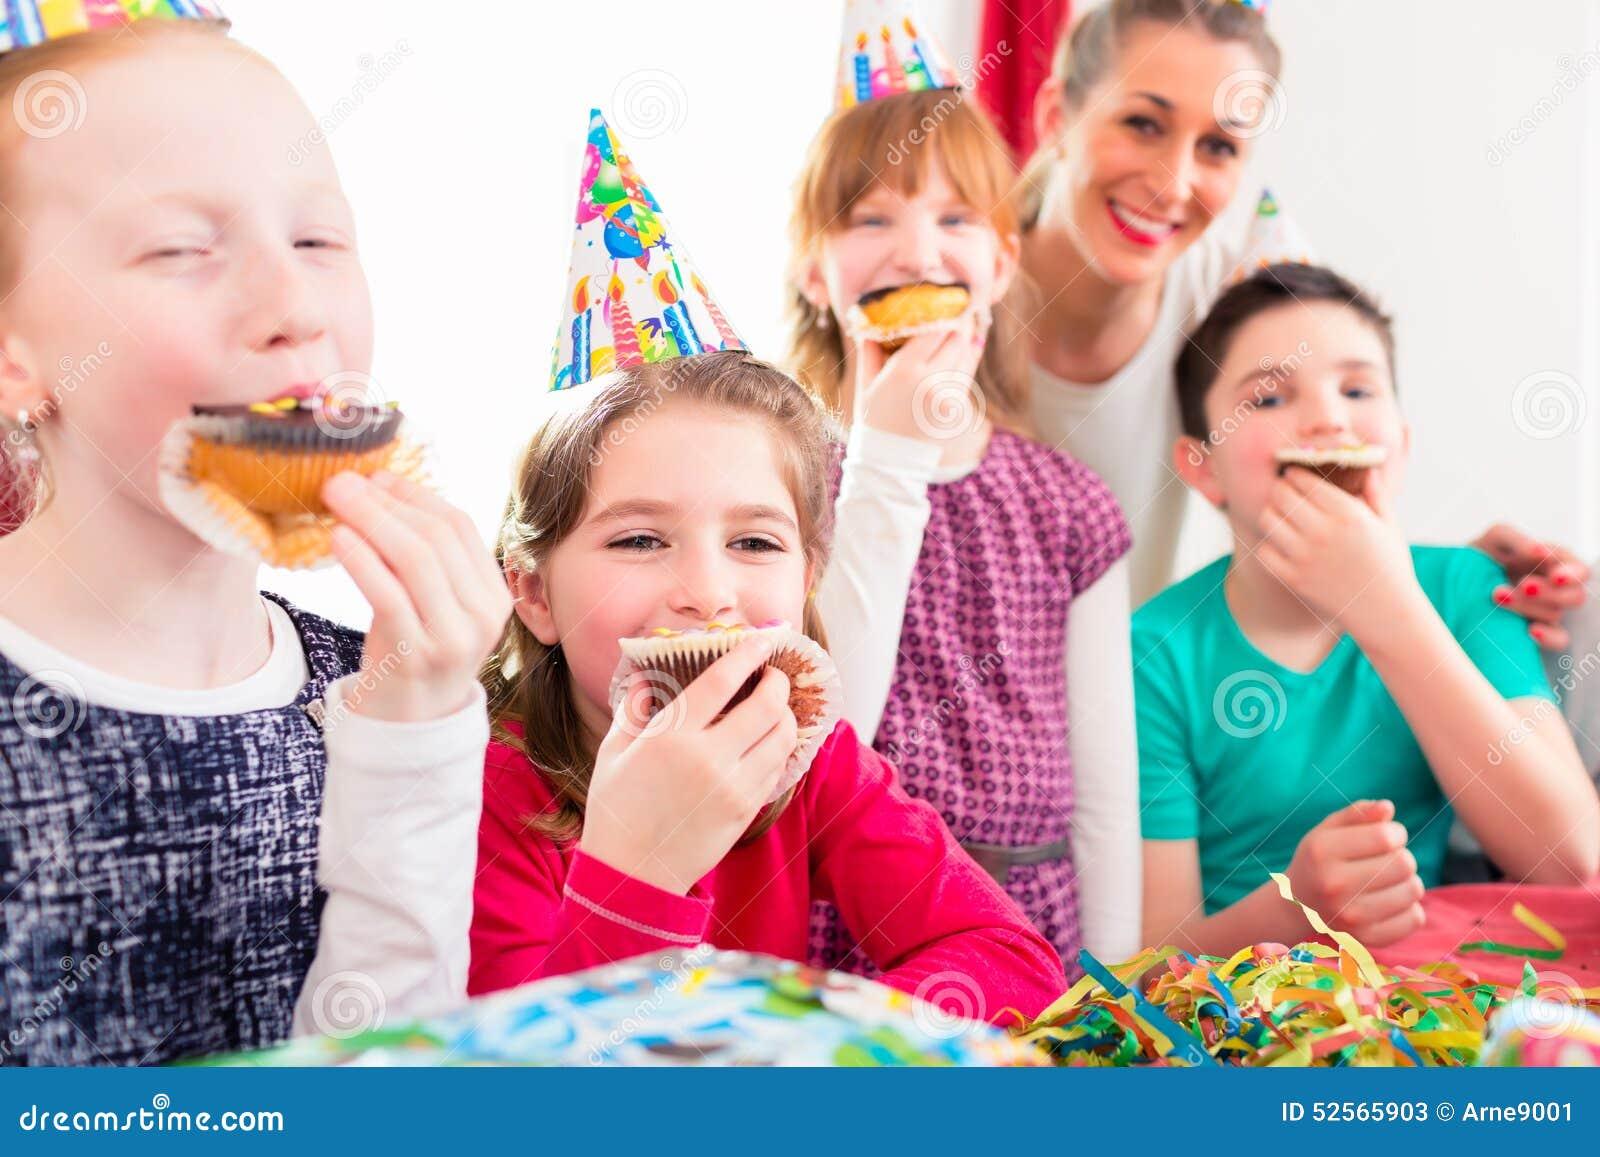 Crianças na festa de anos com queques e bolo